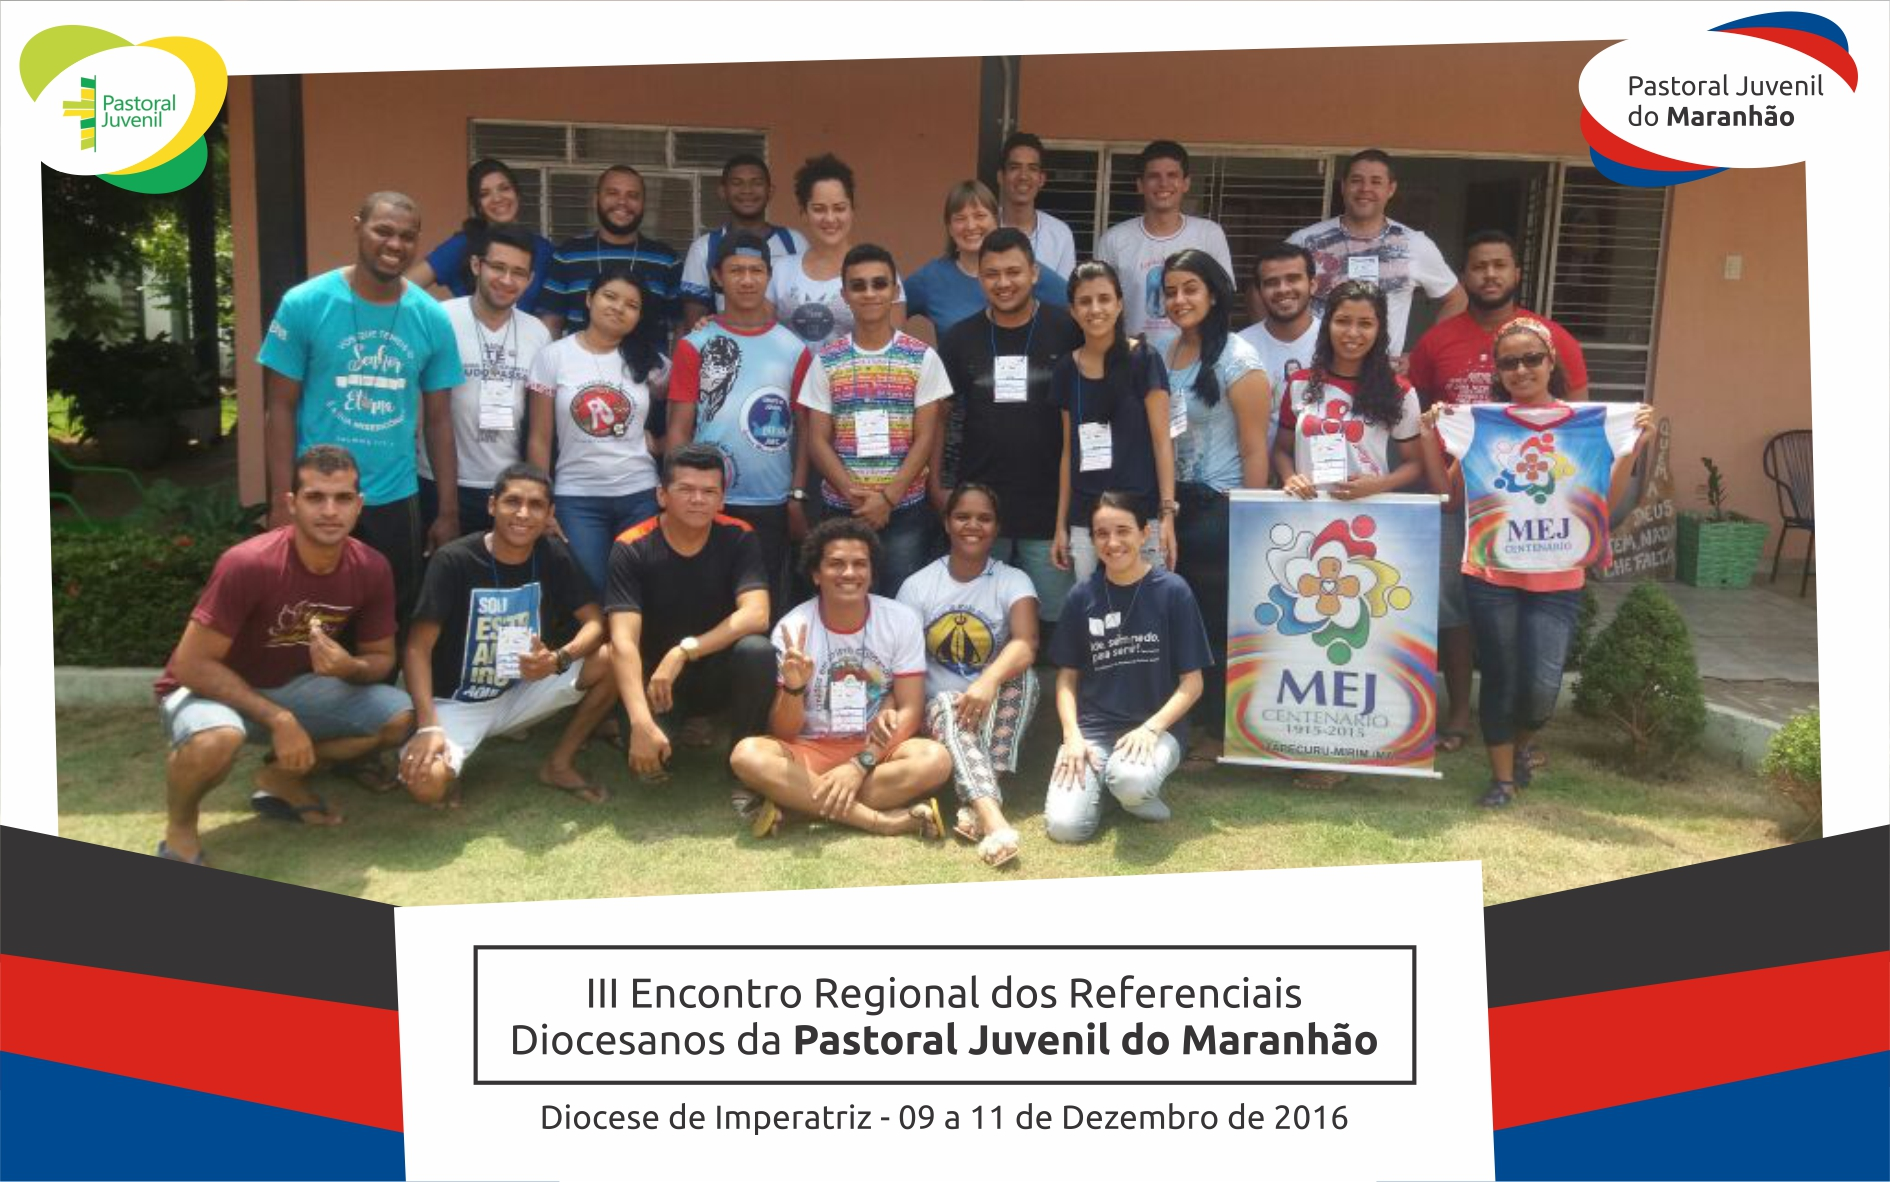 Lideranças juvenis do Maranhão preparam Ano da Juventude